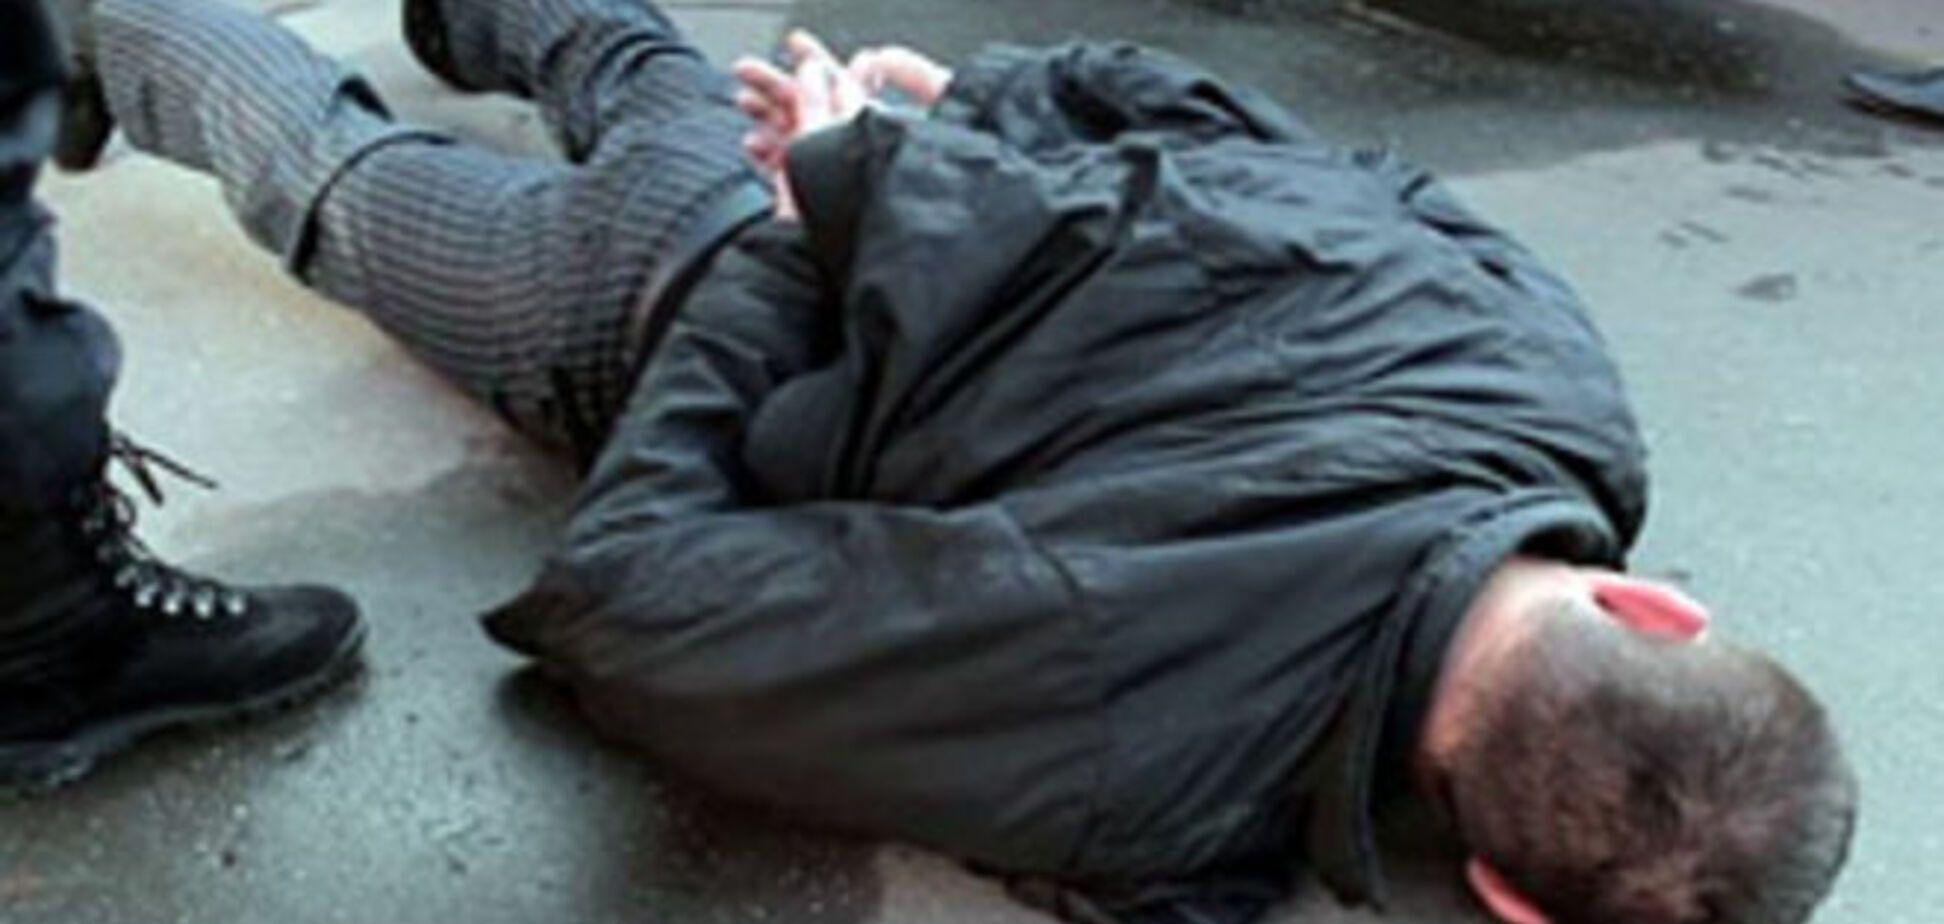 Особенности 'республиканского' досуга: охранник Плотницкого устроил пьяный дебош в кафе